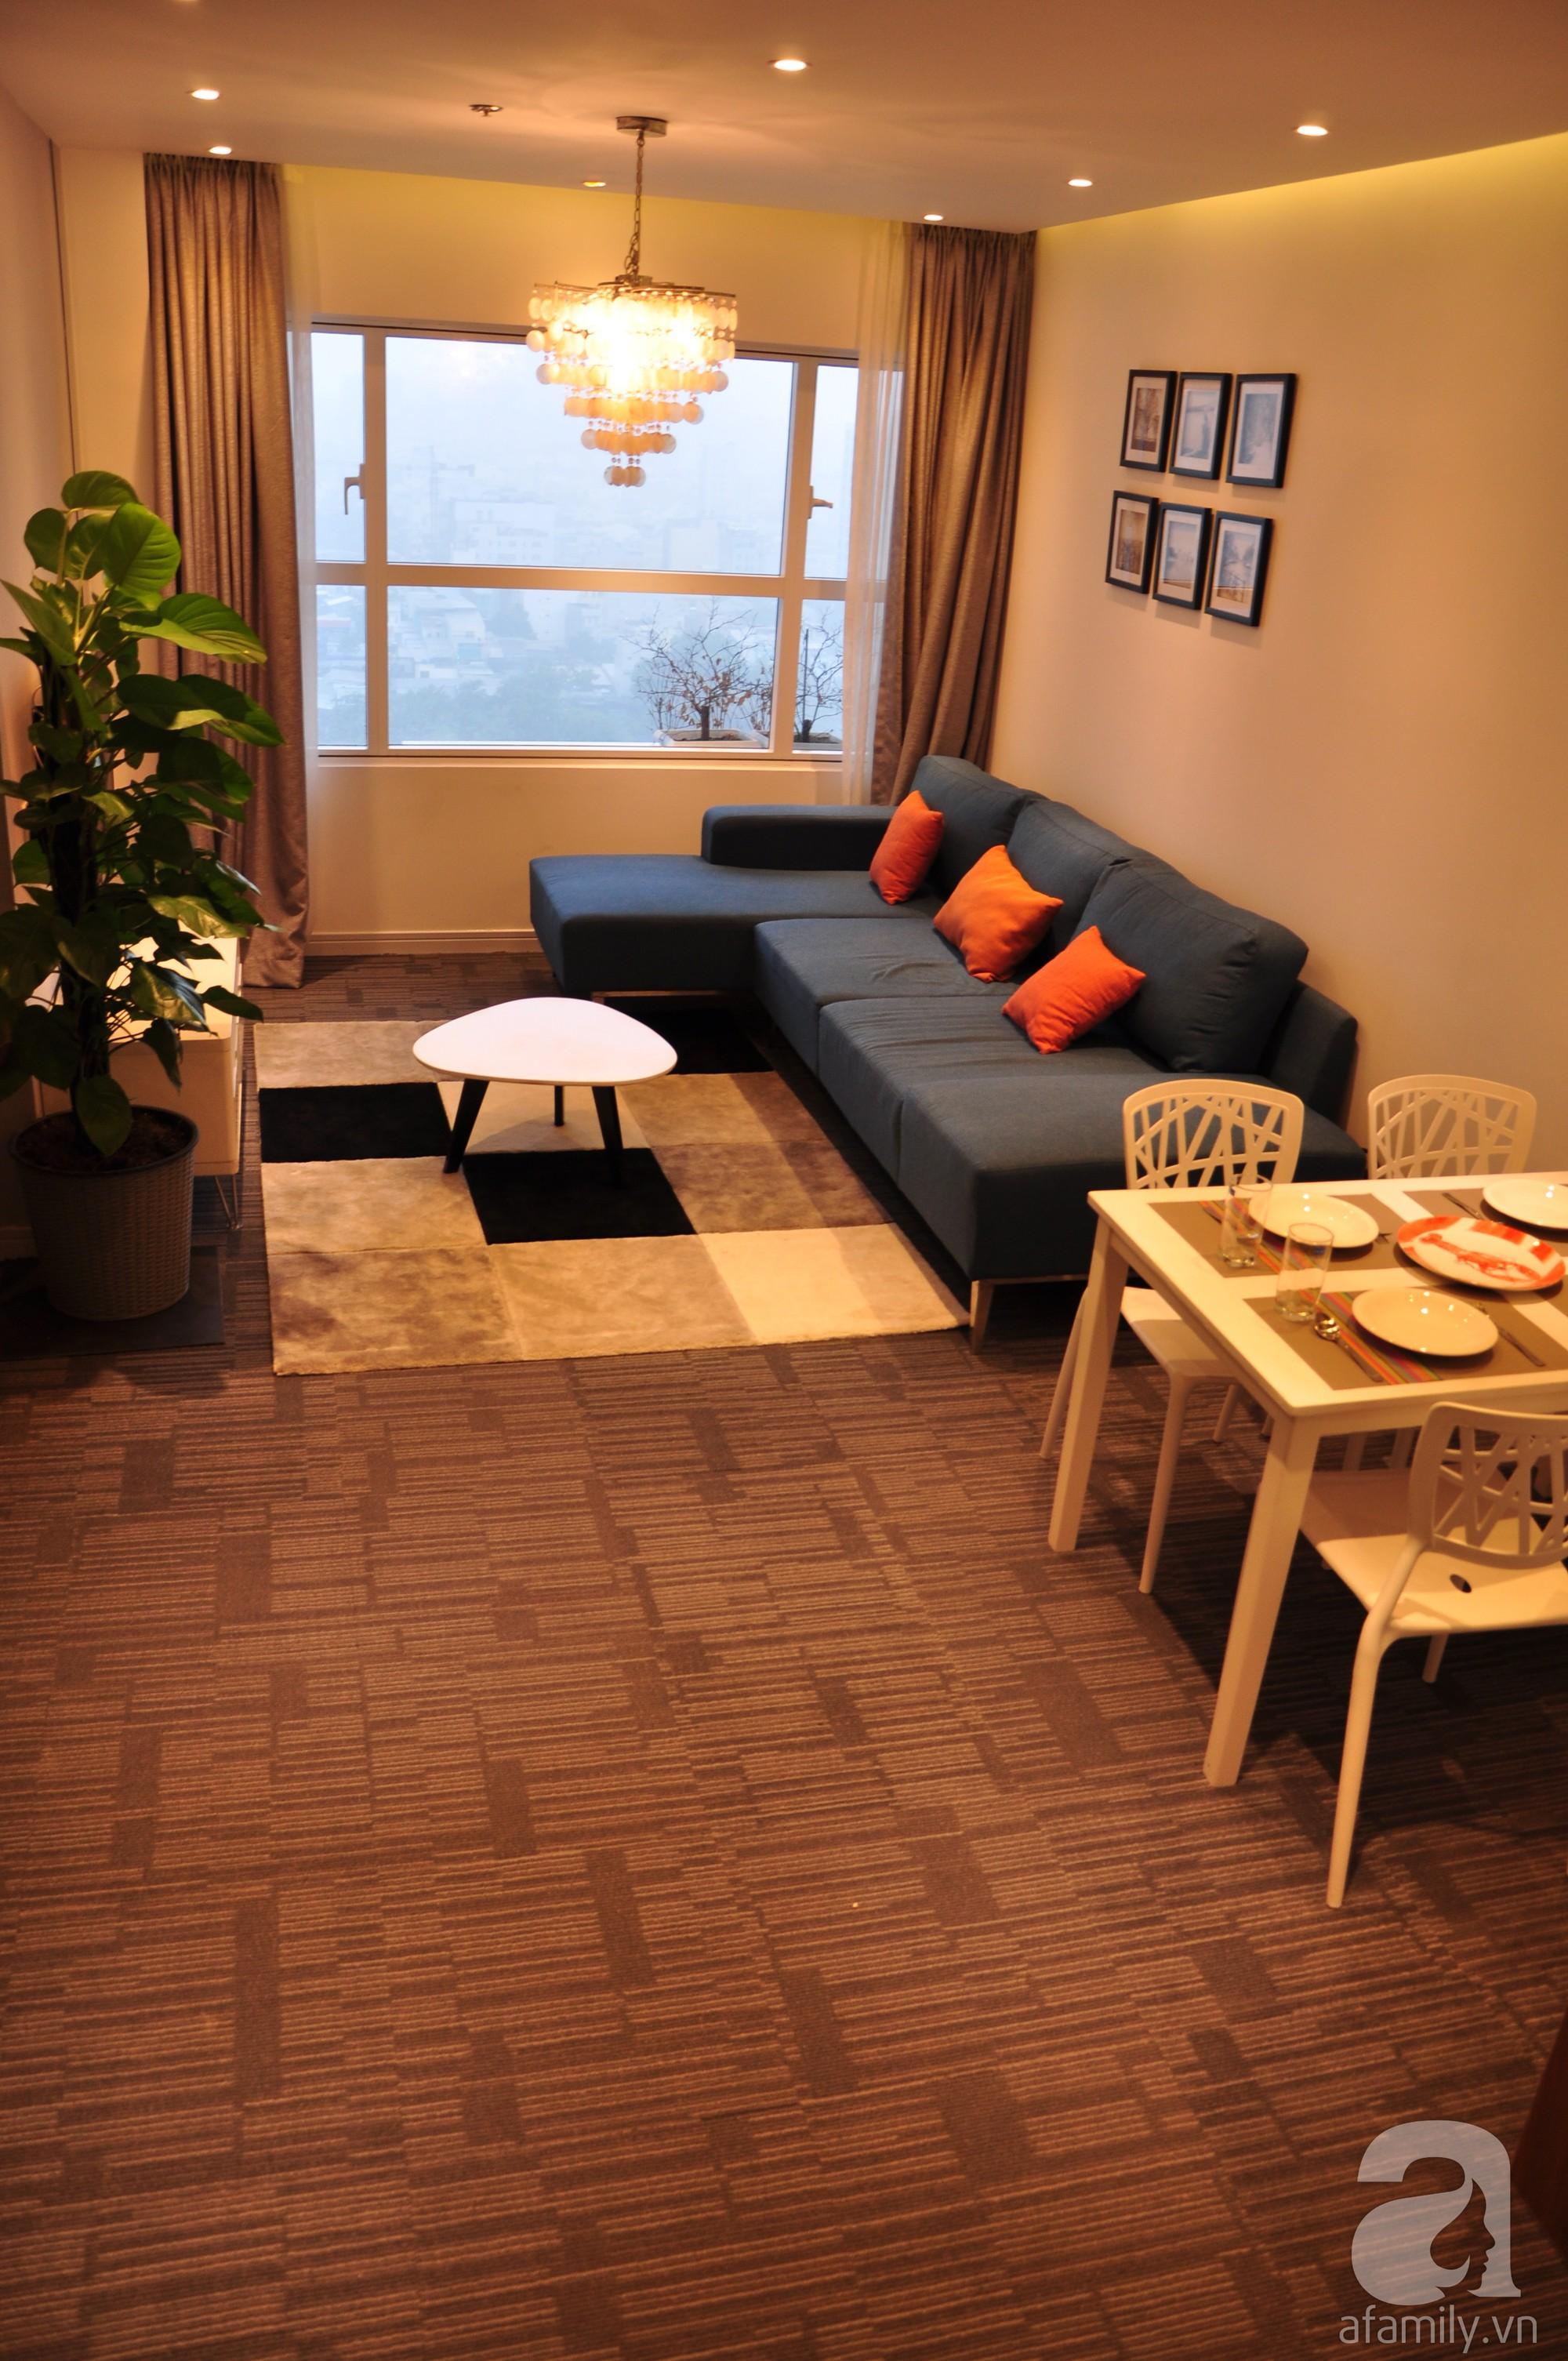 Căn hộ nhỏ 55m² ở quận 7, Sài Gòn nổi bật phong cách tận hưởng cuộc sống do anh chàng độc thân tự tay bố trí nội thất - Ảnh 6.